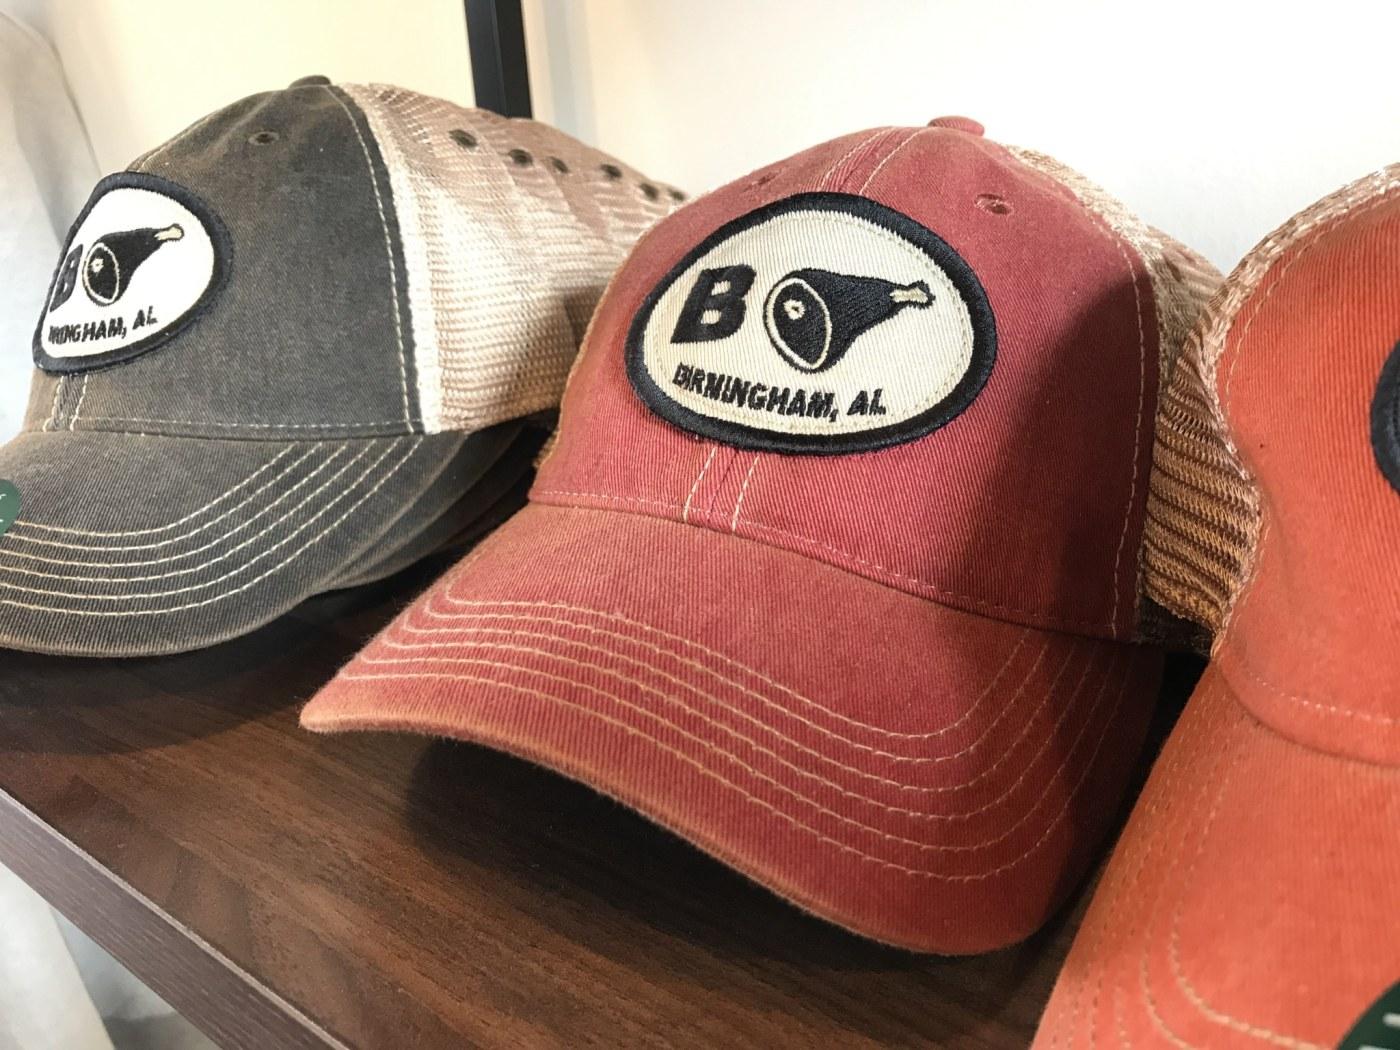 Birmingham, Alabama, Original B'ham Apparel Co., Newcomers' Guide to Birmingham, Birmingham nicknames